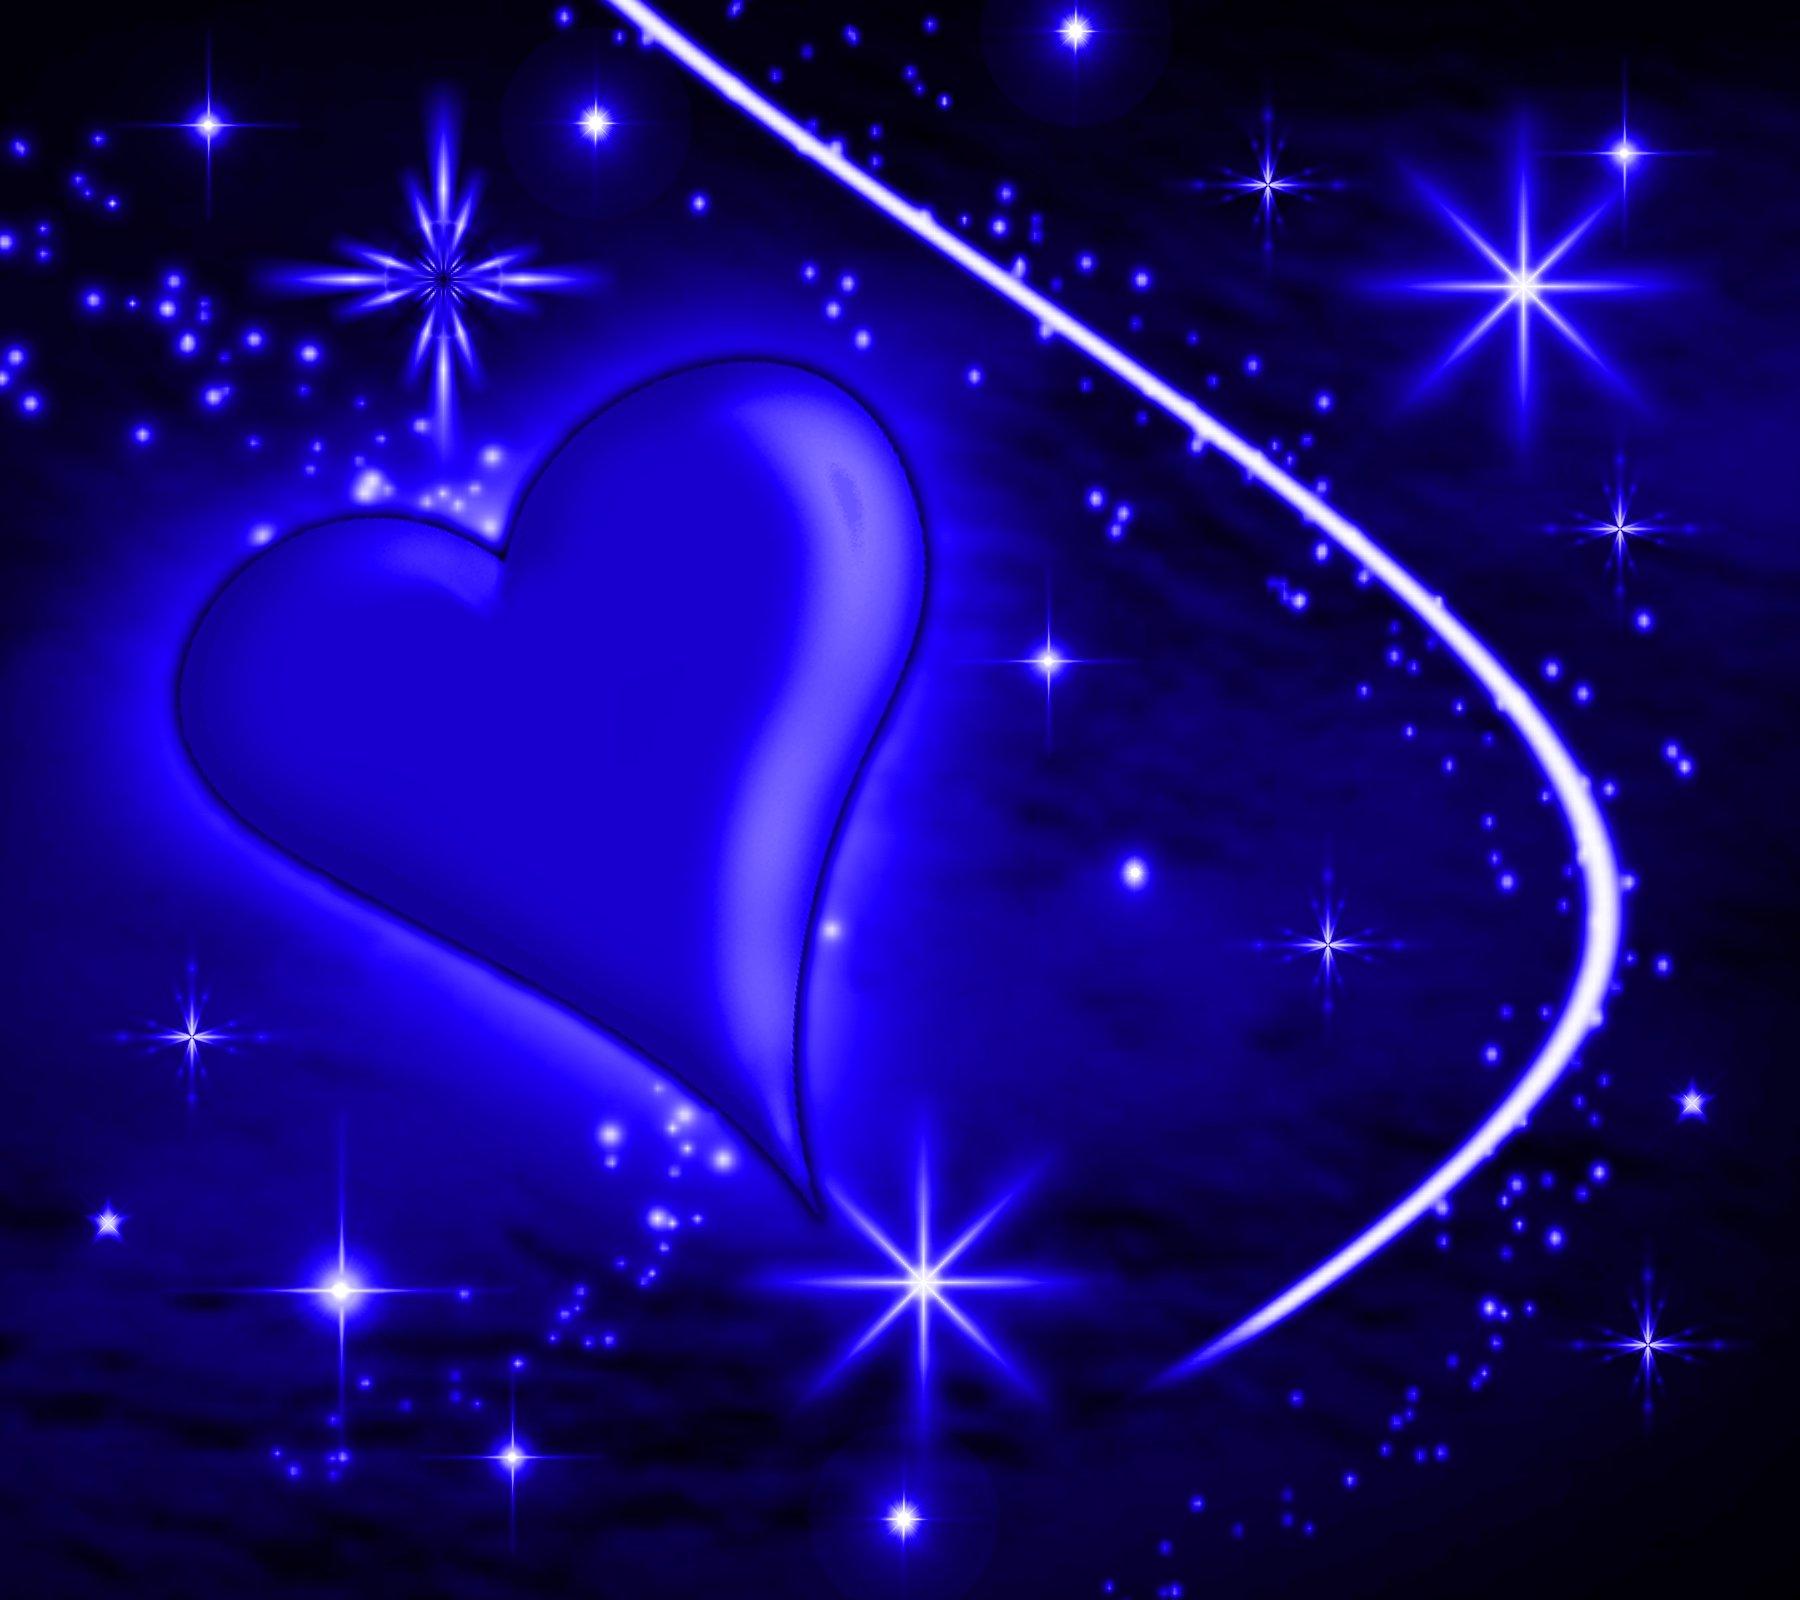 1800x1600px Blue Heart Wallpaper - WallpaperSafari Blue Heart Wallpapers